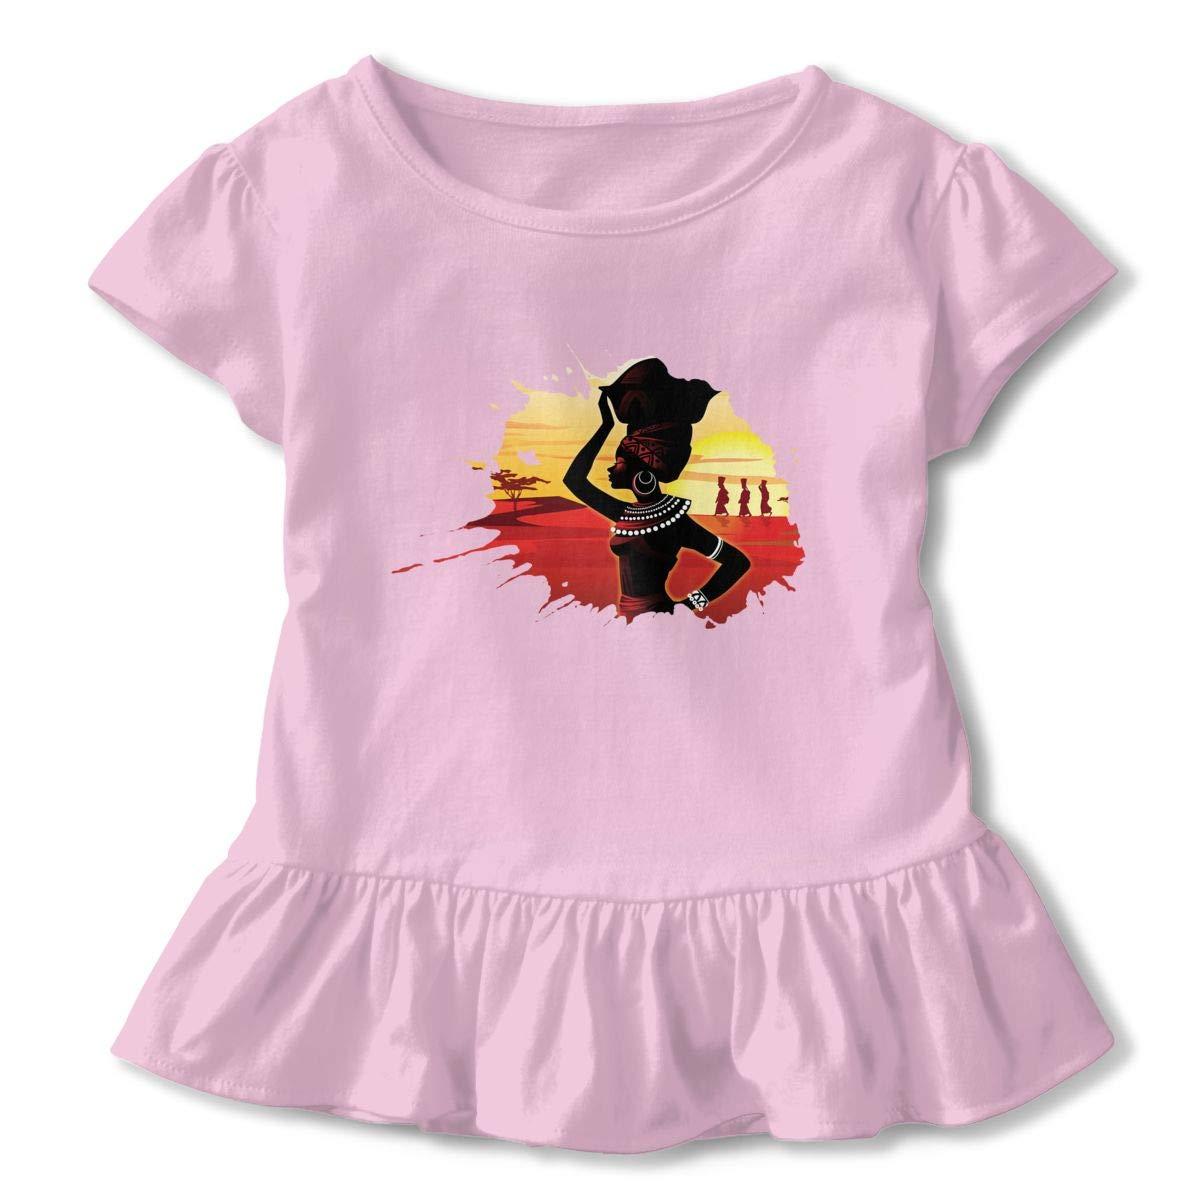 Clarissa Bertha African Woman Toddler Baby Girls Short Sleeve Ruffle T-Shirt